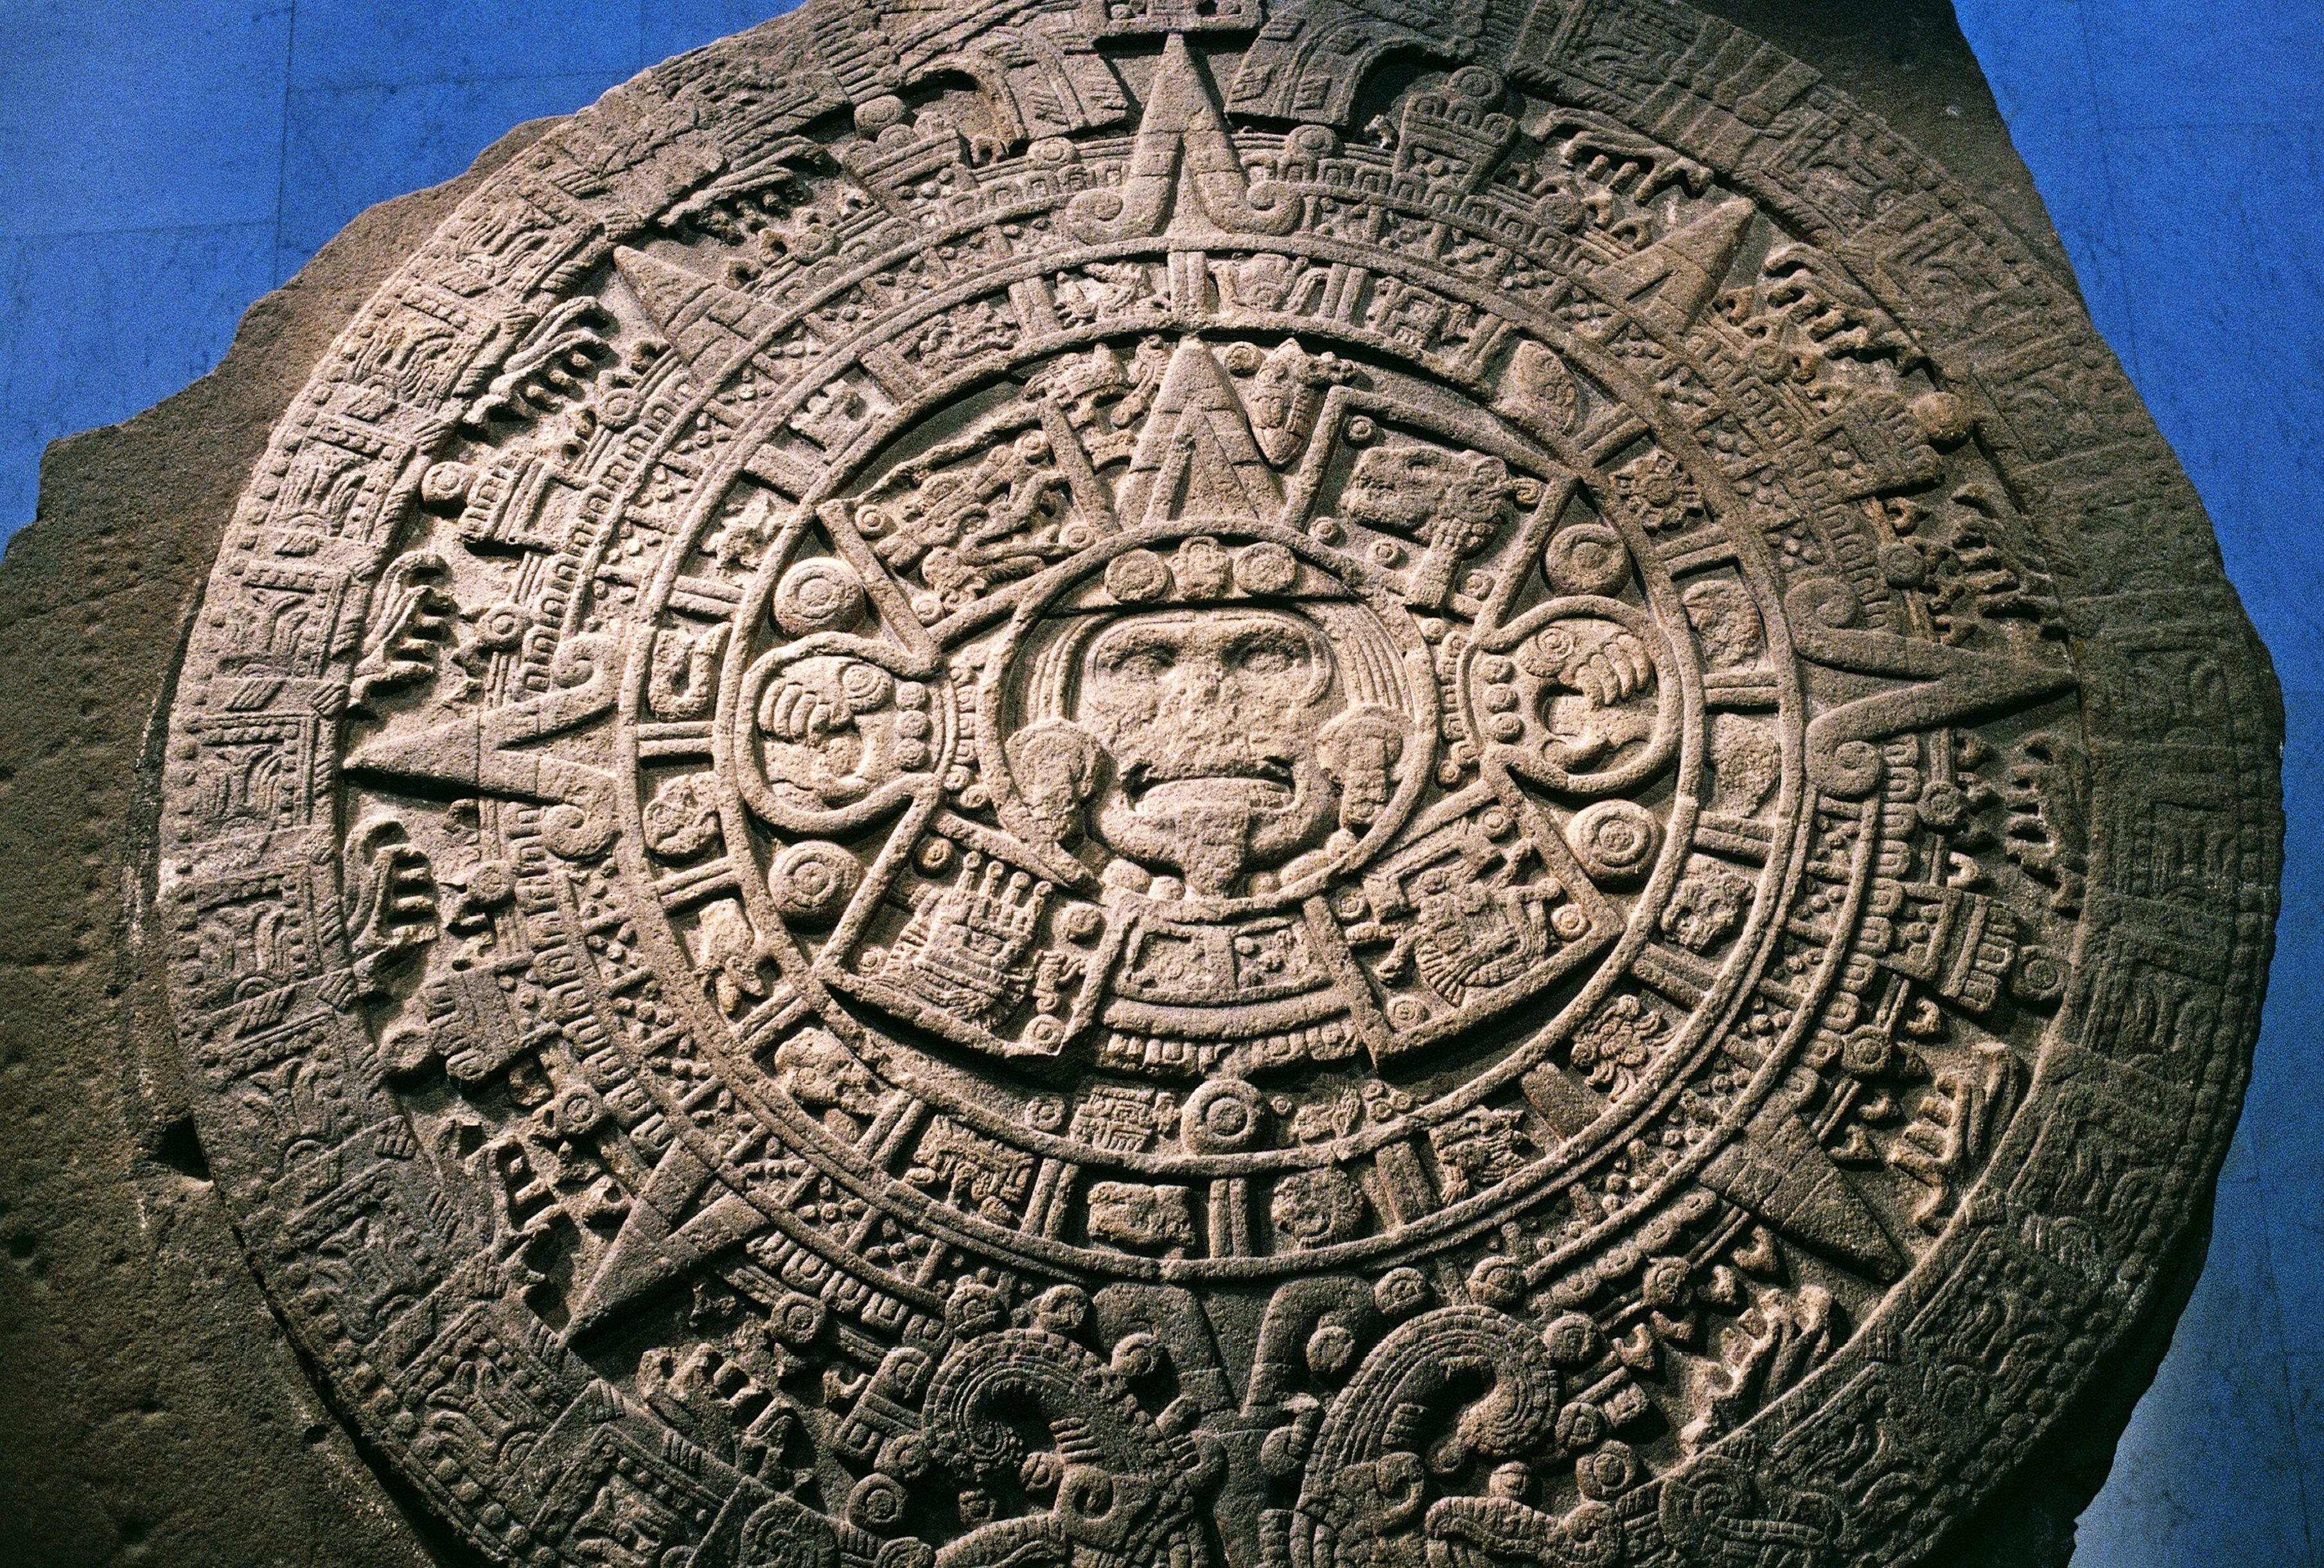 The Aztec Calendar Stone Not A Calendar After All